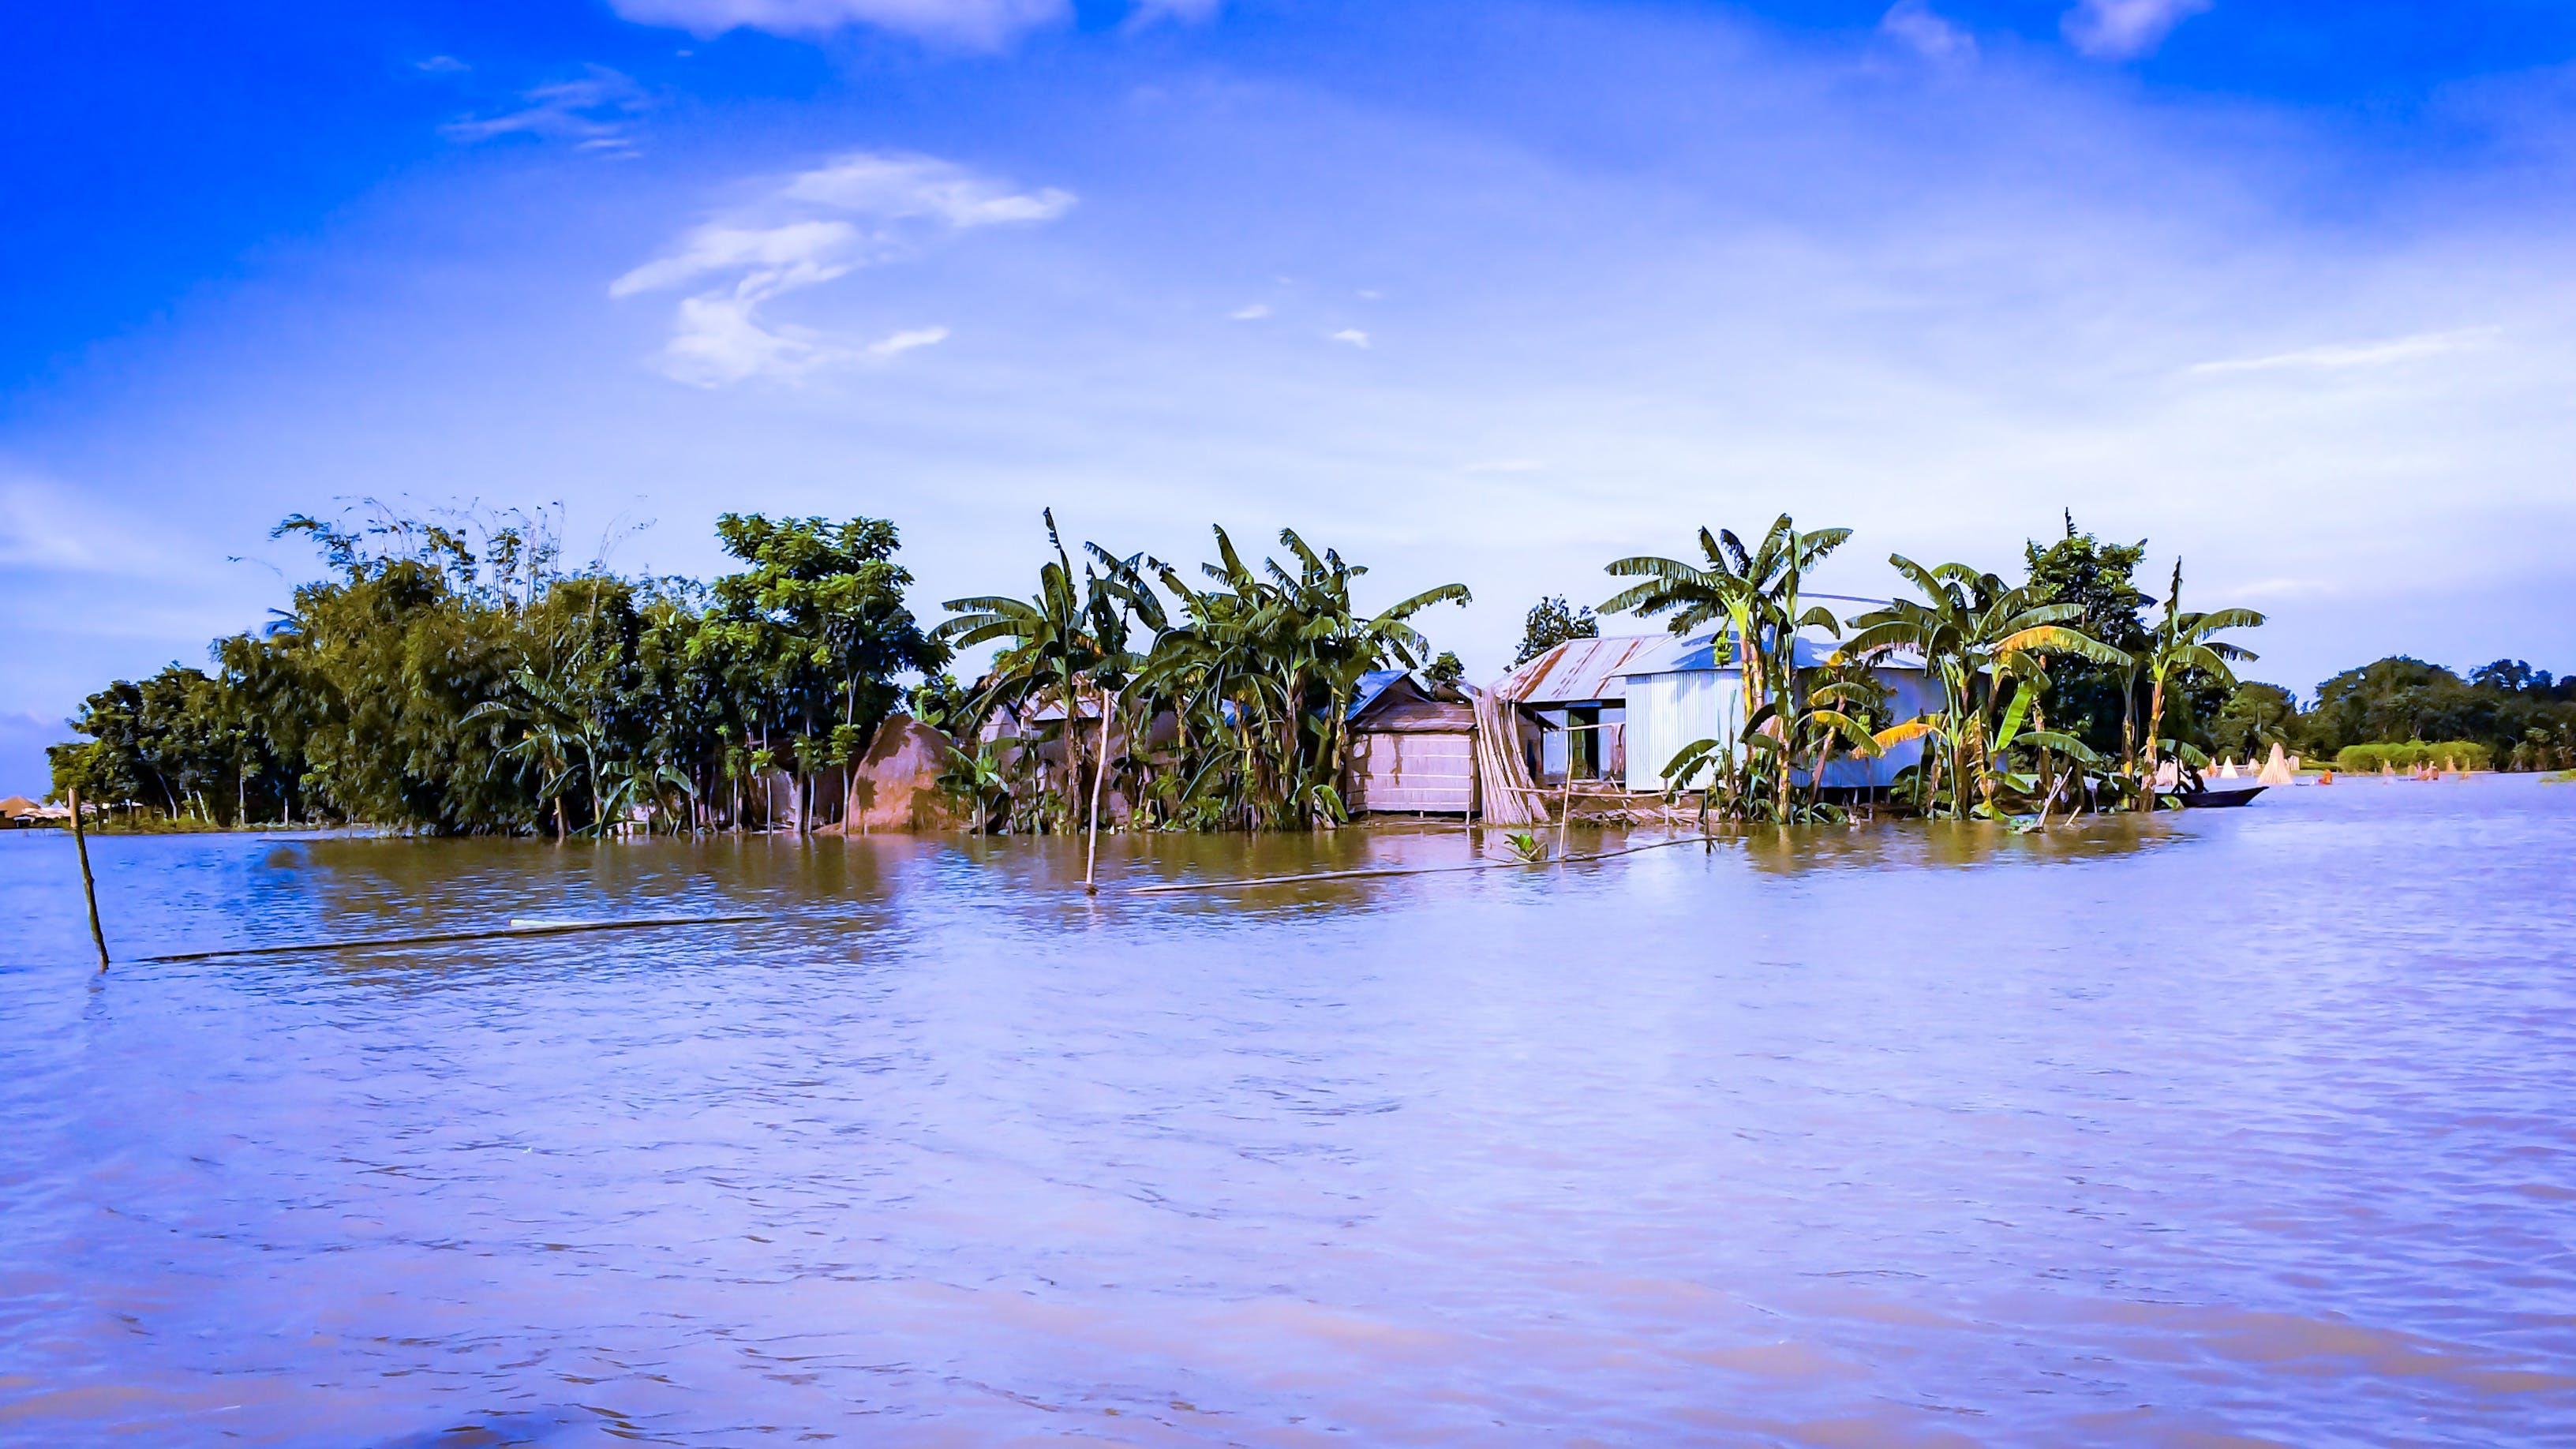 Δωρεάν στοκ φωτογραφιών με bangladesh, γαλάζια νερά, καταρράκτης του μπαγκλαντές, νερό και ουρανό